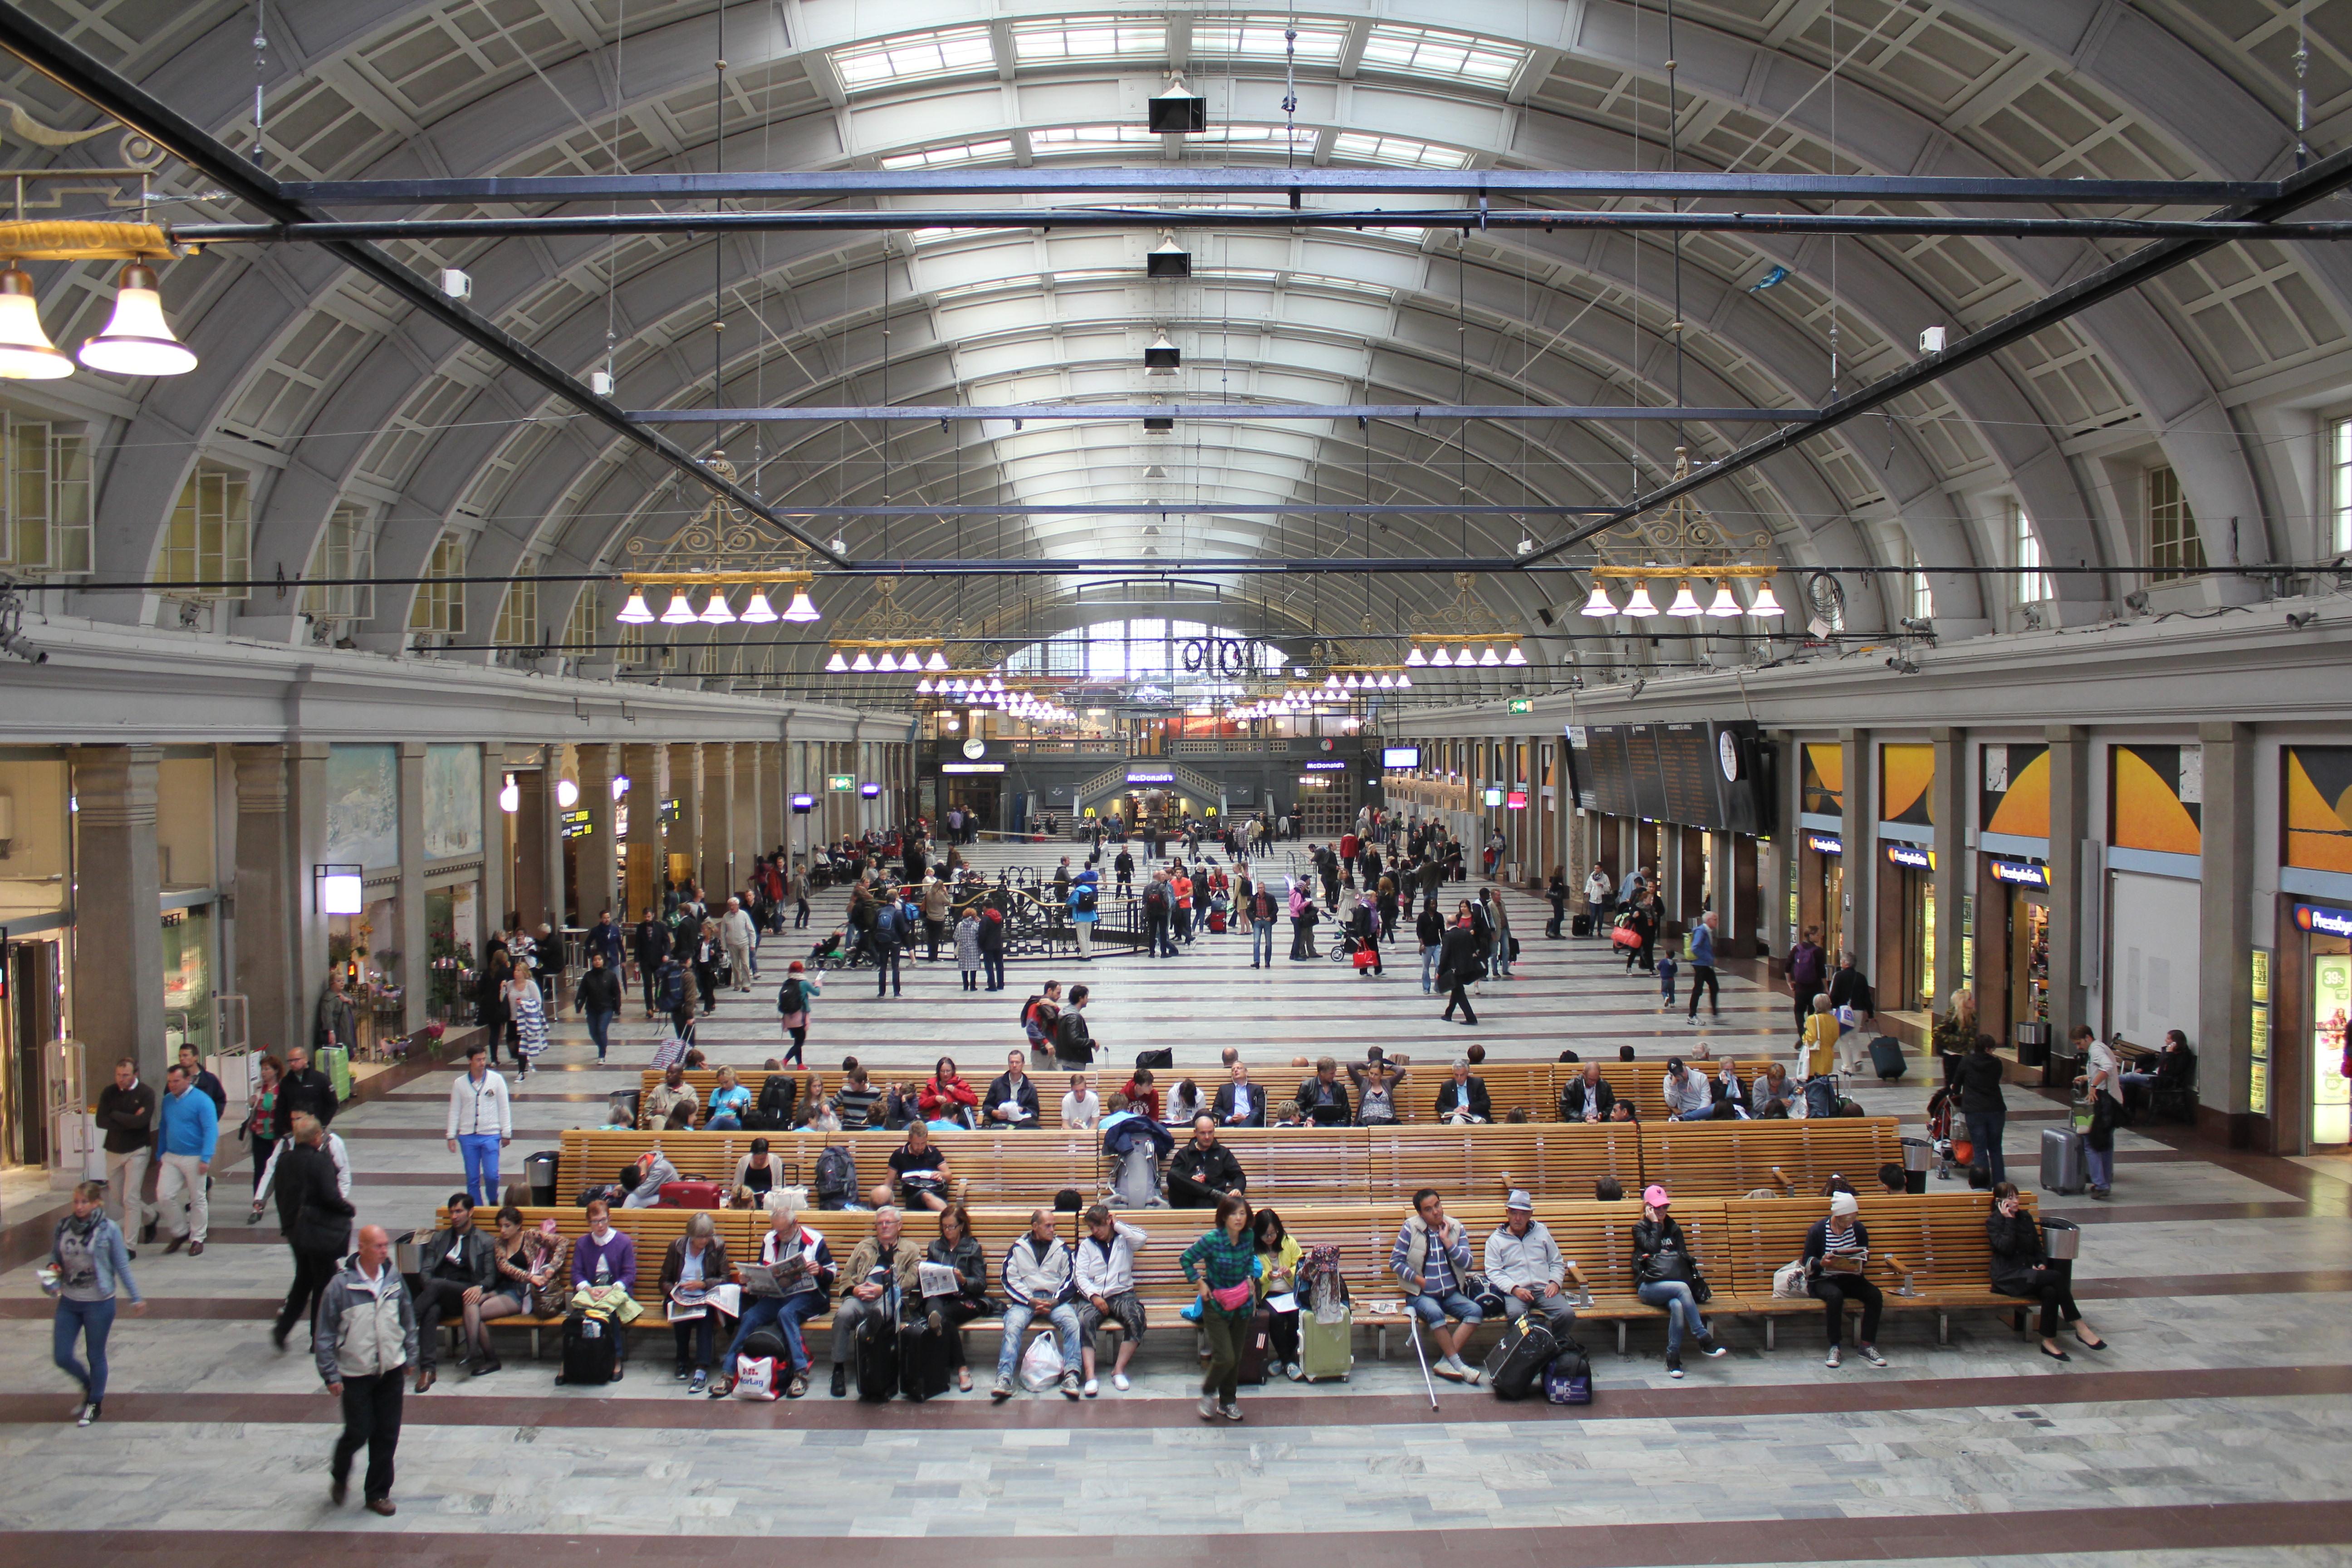 File:Stockholms centralstation interiör.JPG - Wikimedia Commons: commons.wikimedia.org/wiki/File:Stockholms_centralstation_interiör...